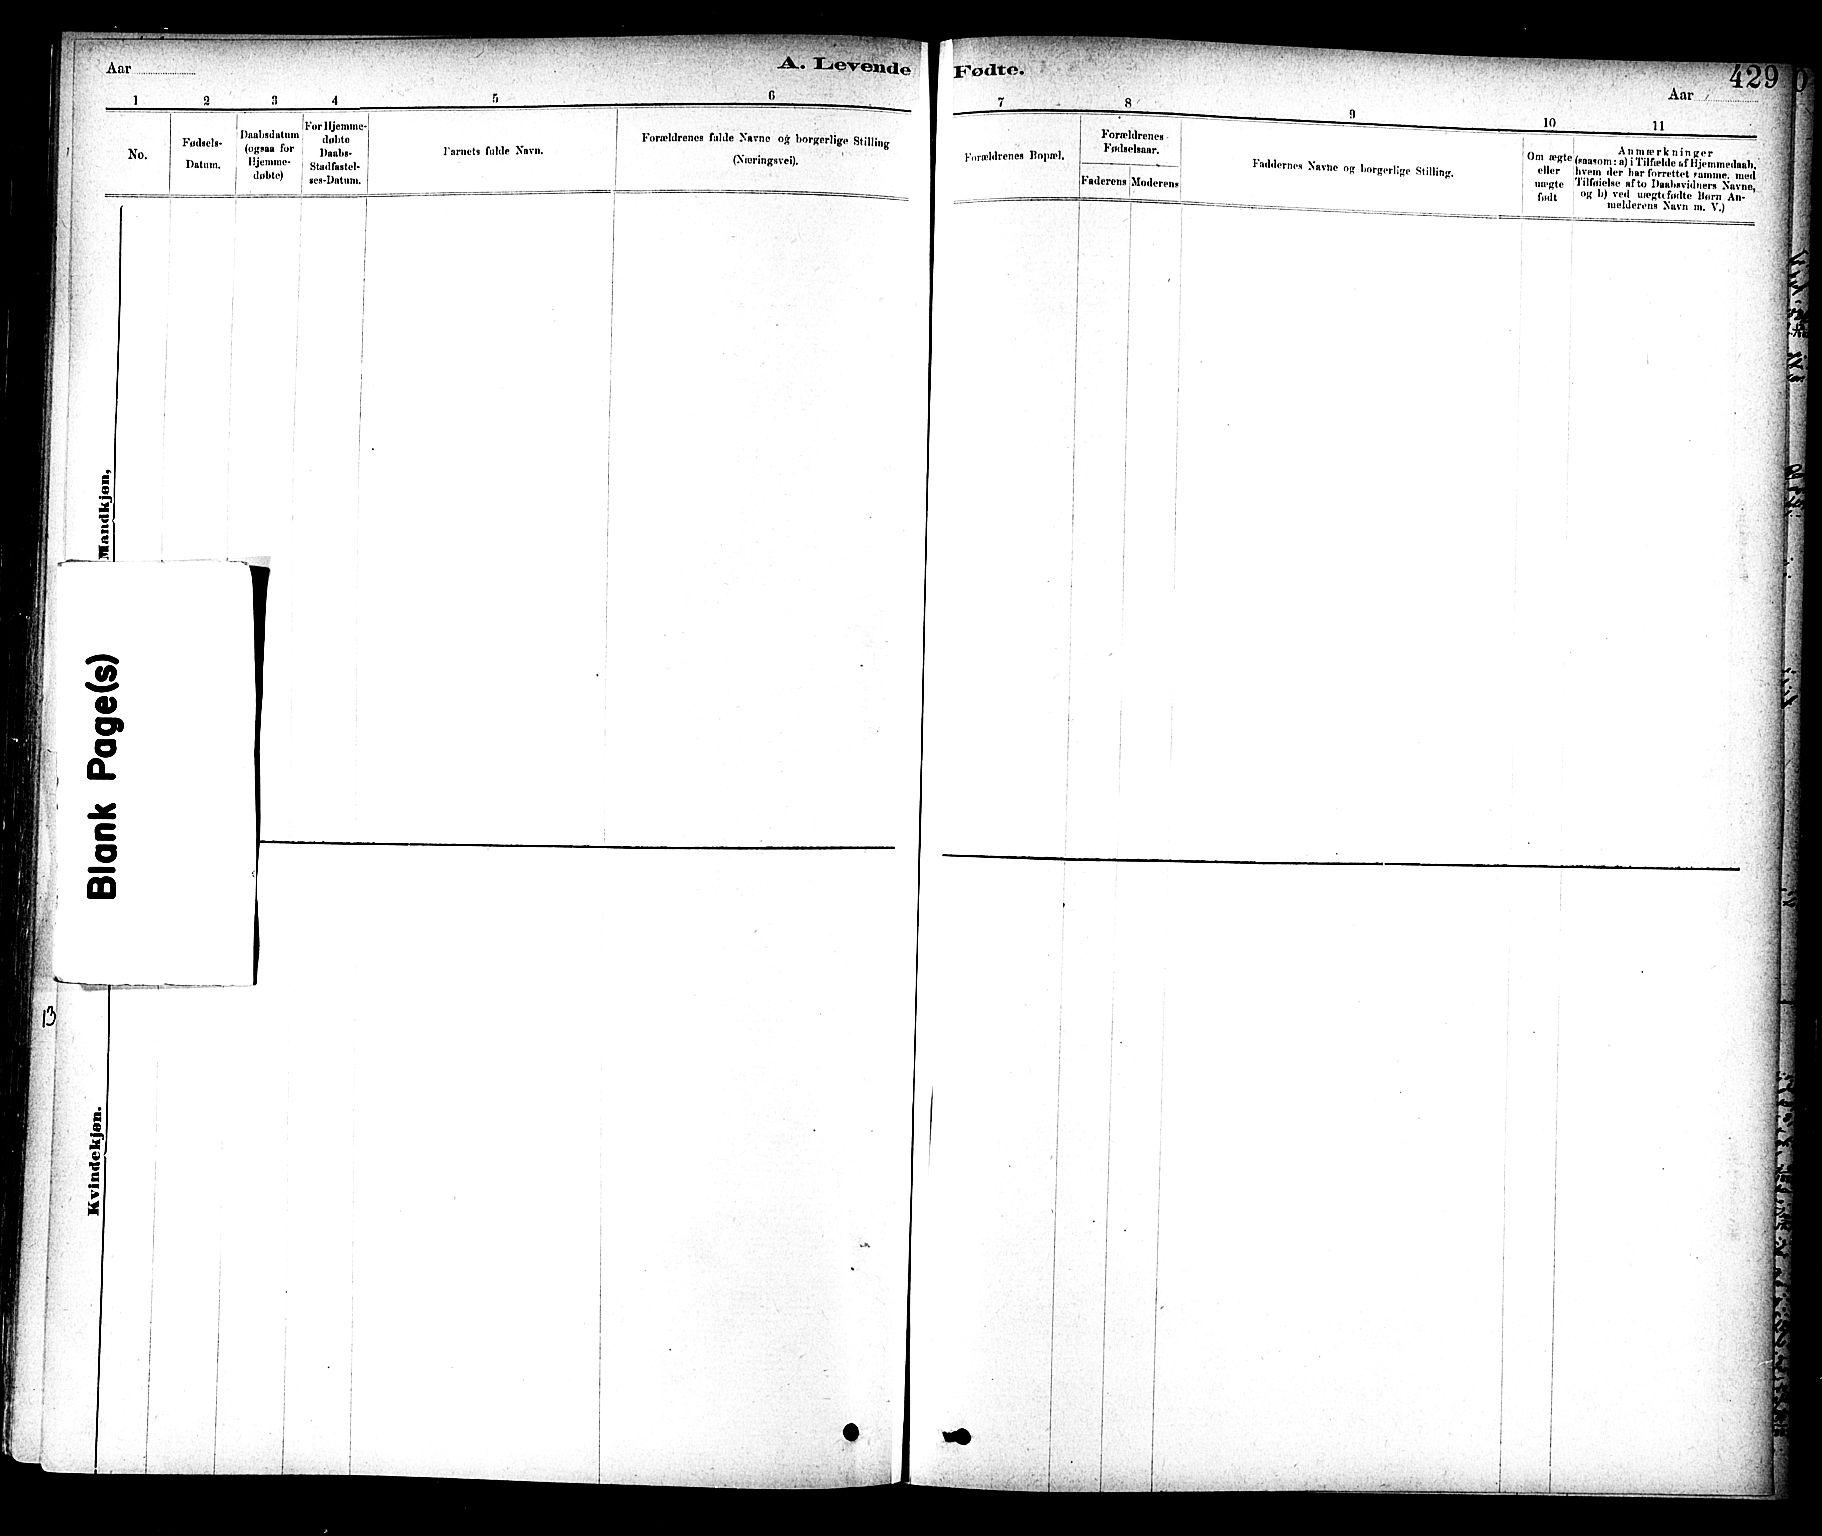 SAT, Ministerialprotokoller, klokkerbøker og fødselsregistre - Sør-Trøndelag, 604/L0188: Ministerialbok nr. 604A09, 1878-1892, s. 429